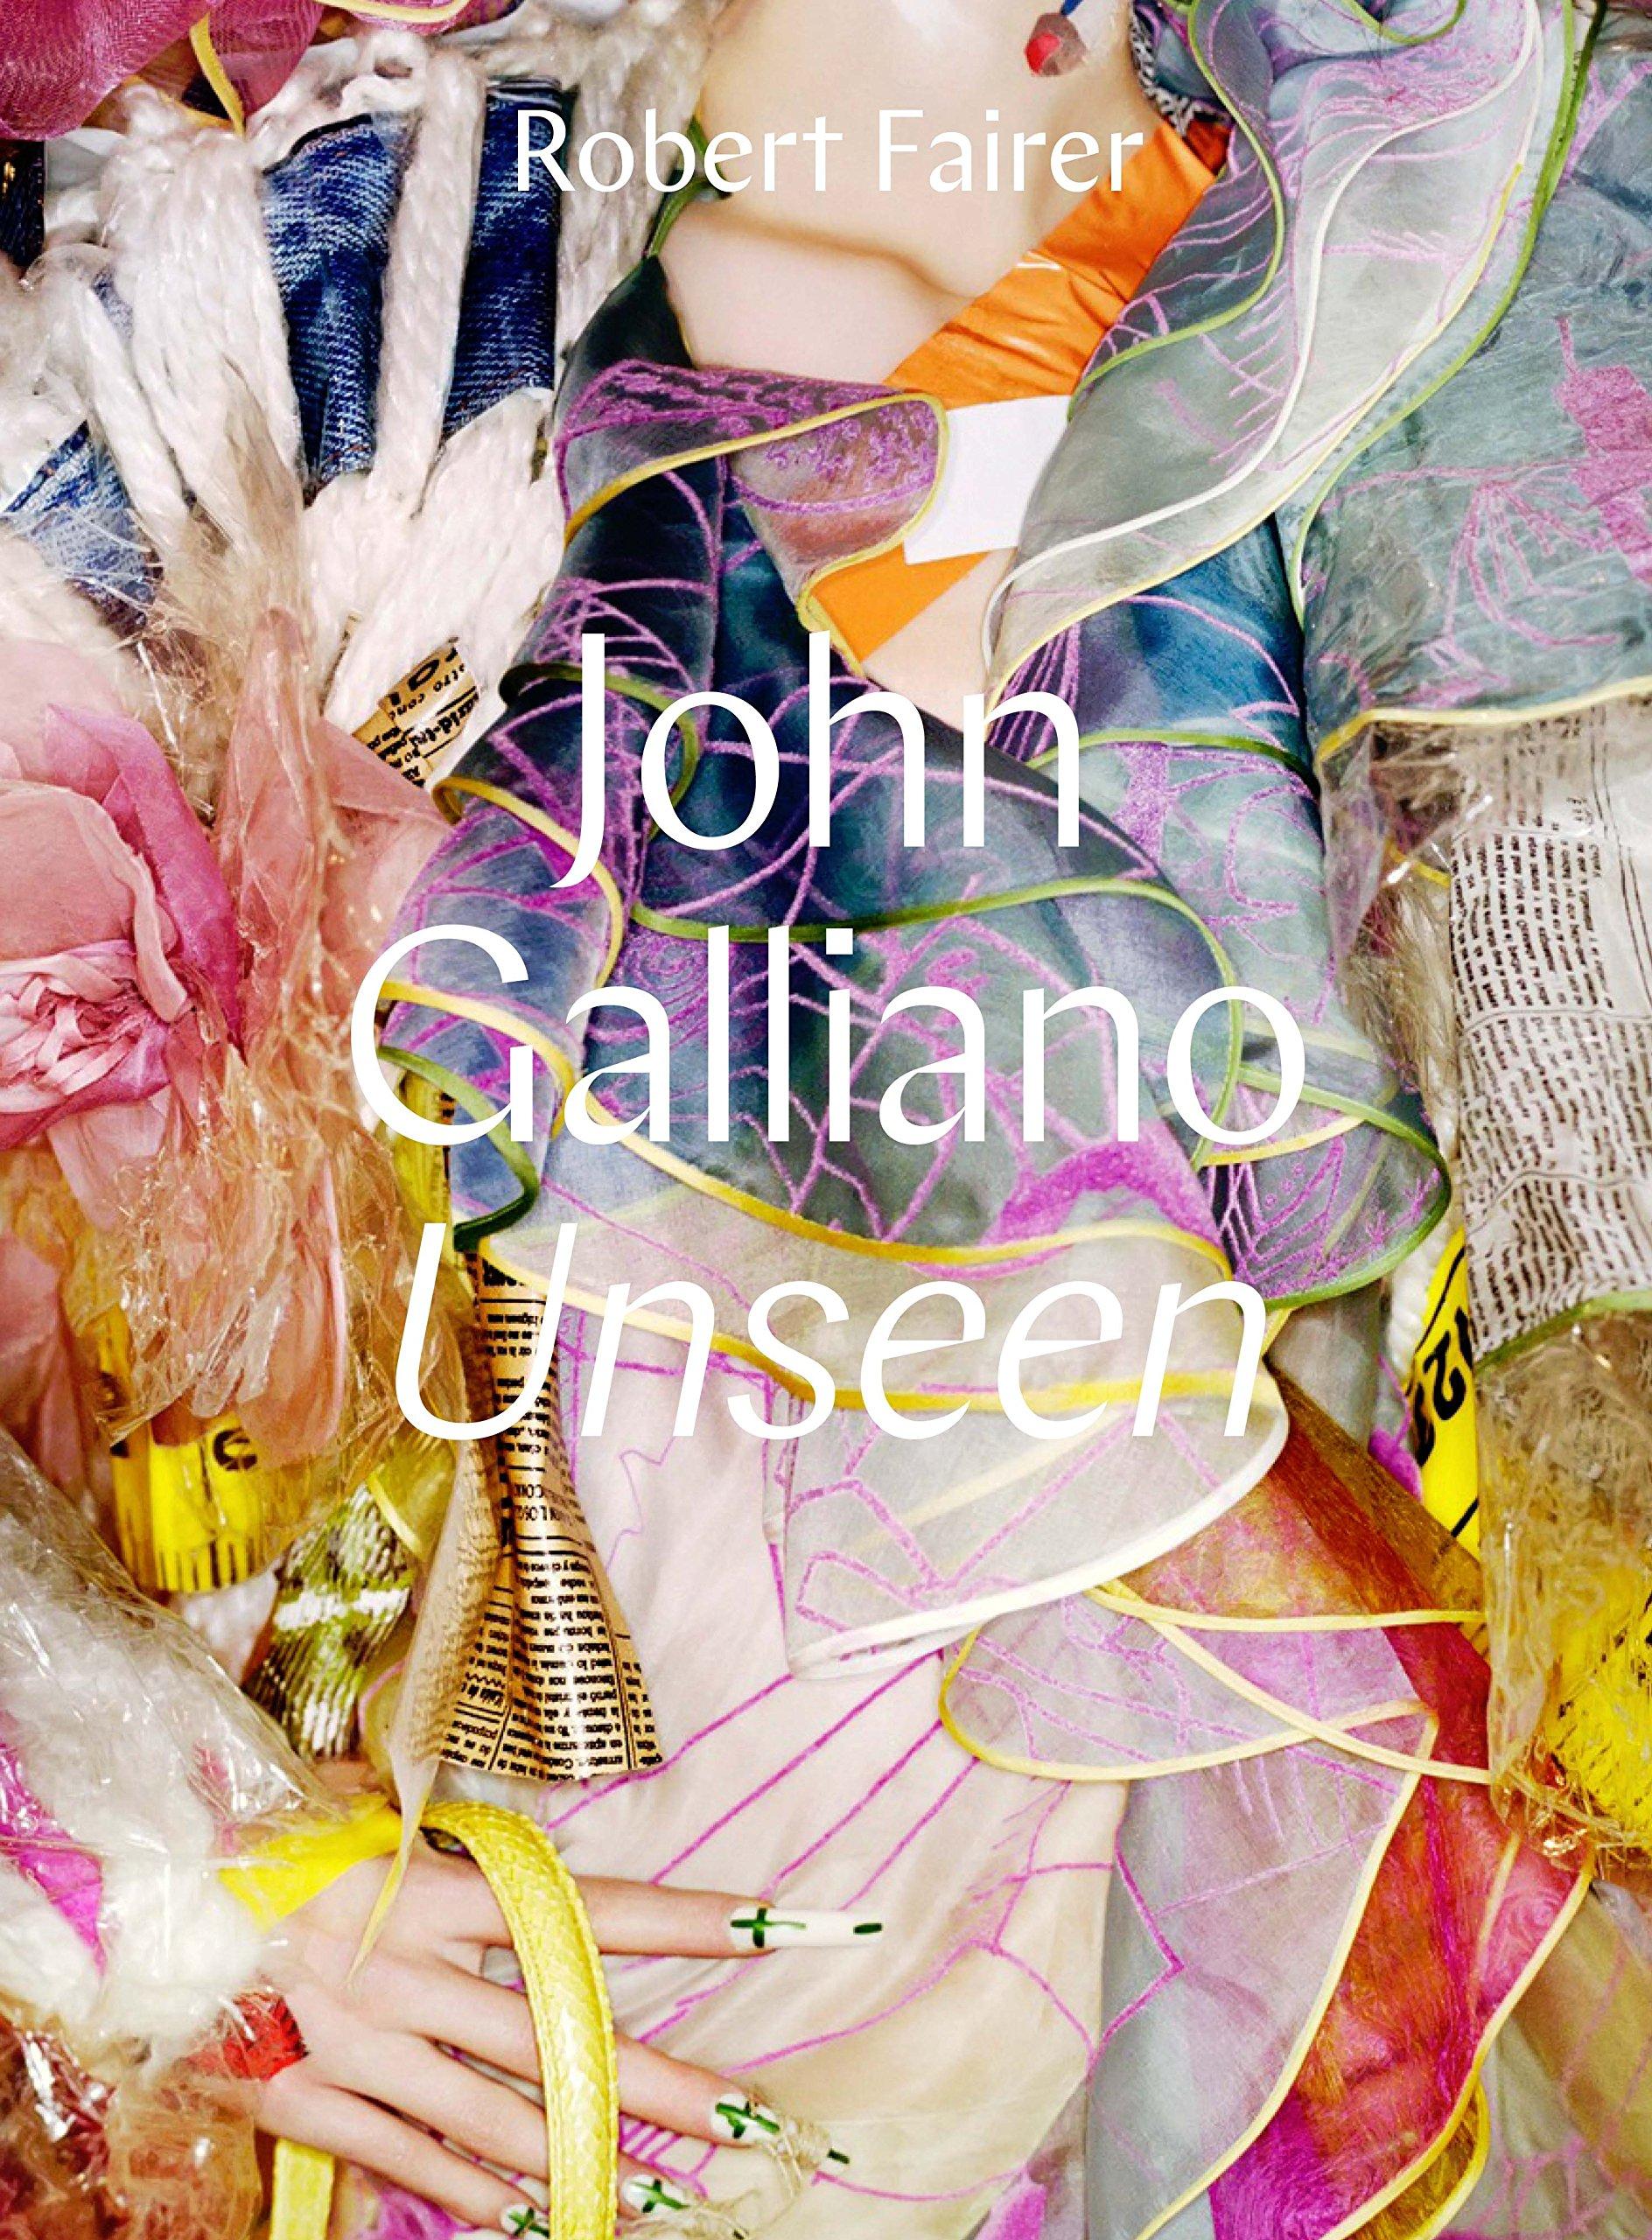 livro-galliano